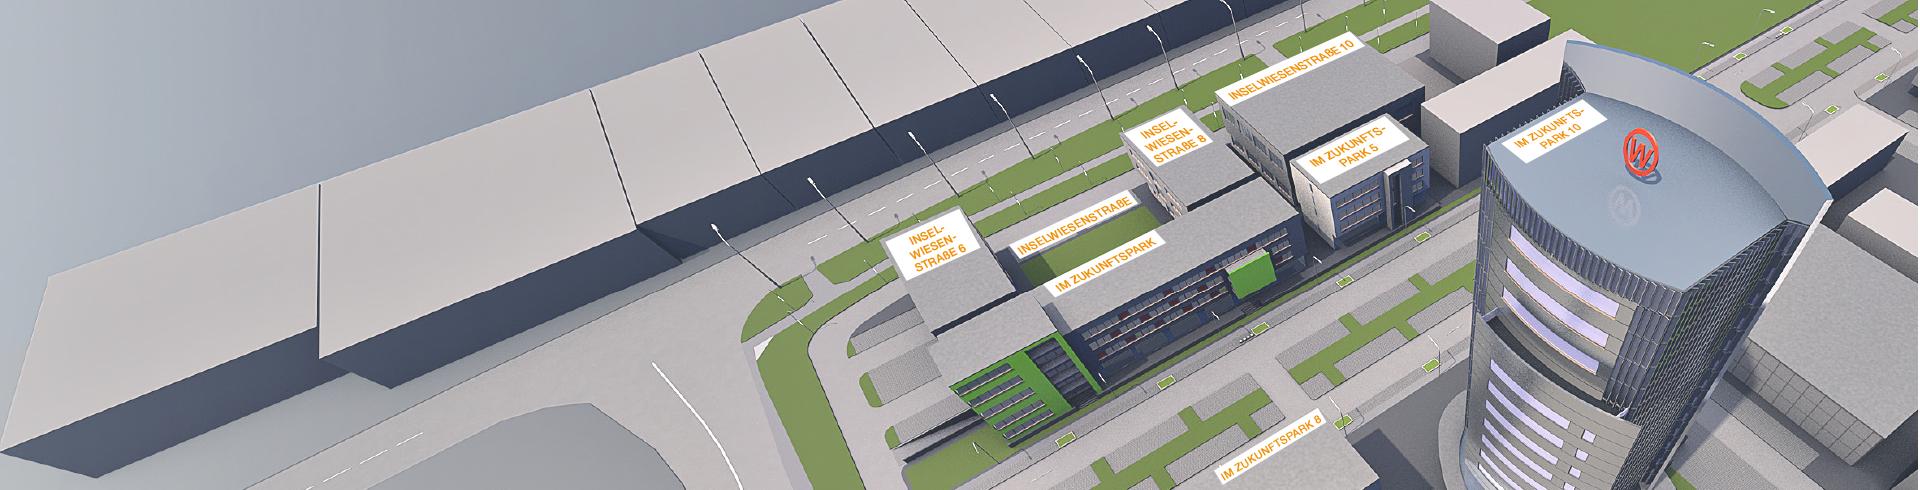 3D-Ansicht Zukunftspark Wohlgelegen von oben